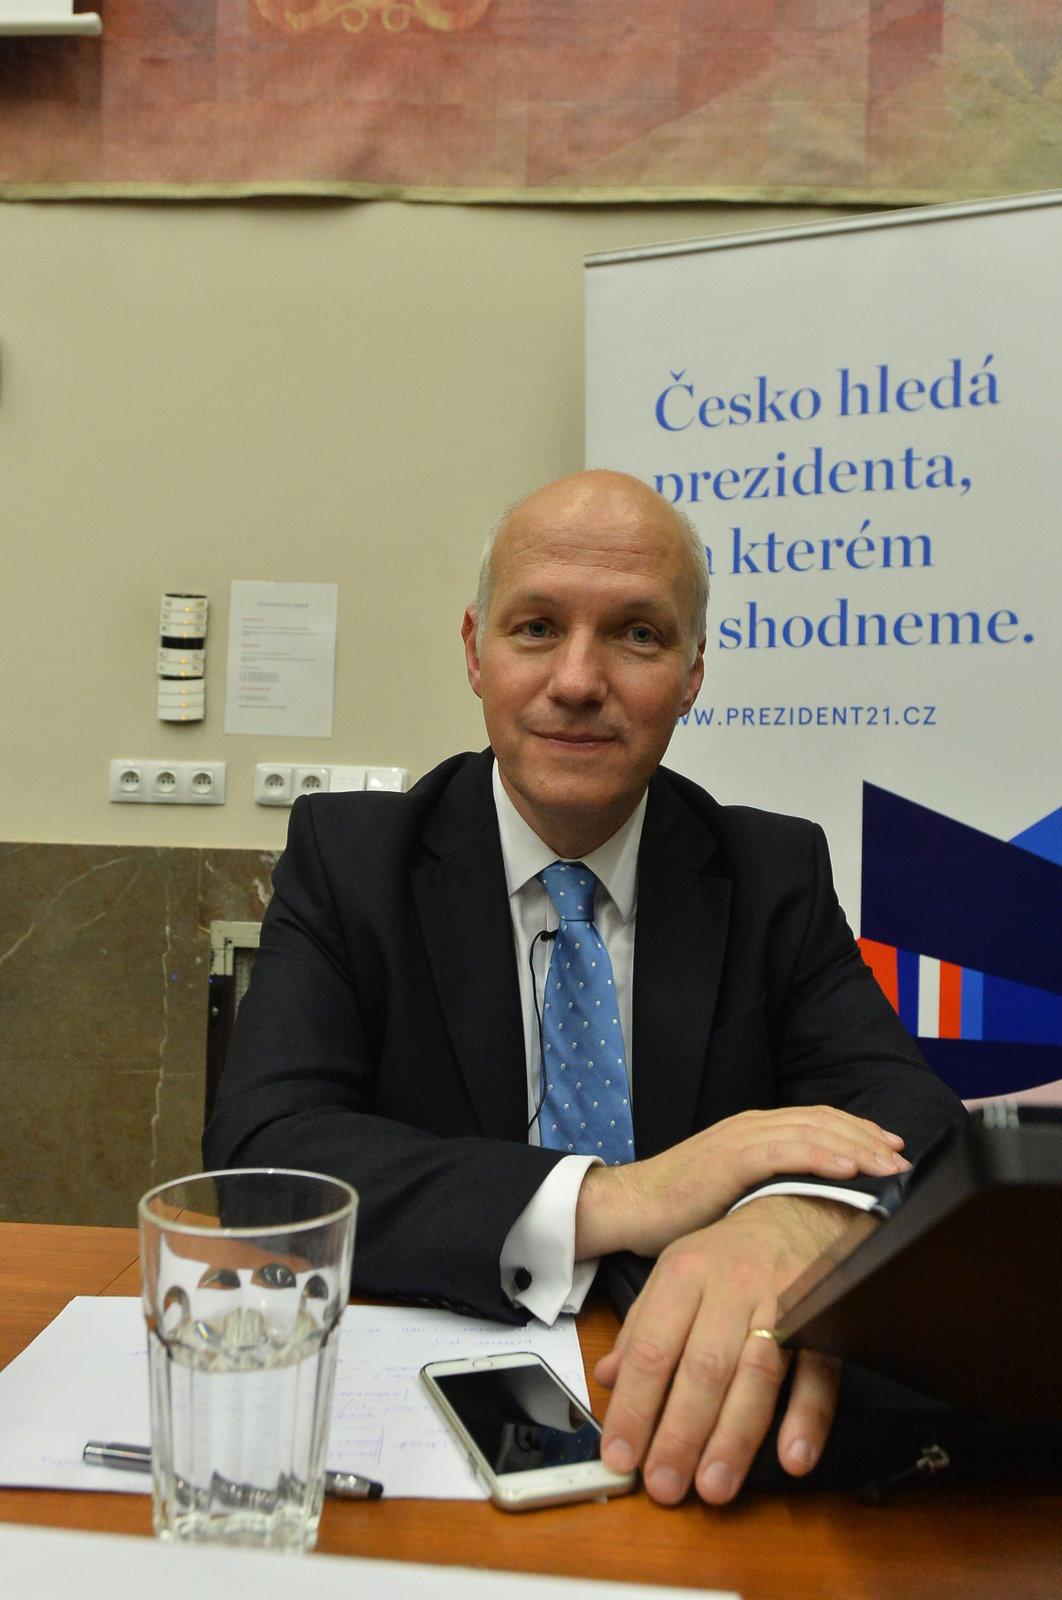 Debata prezidentských kandidátů na Právnické fakultě: Pavel Fischer